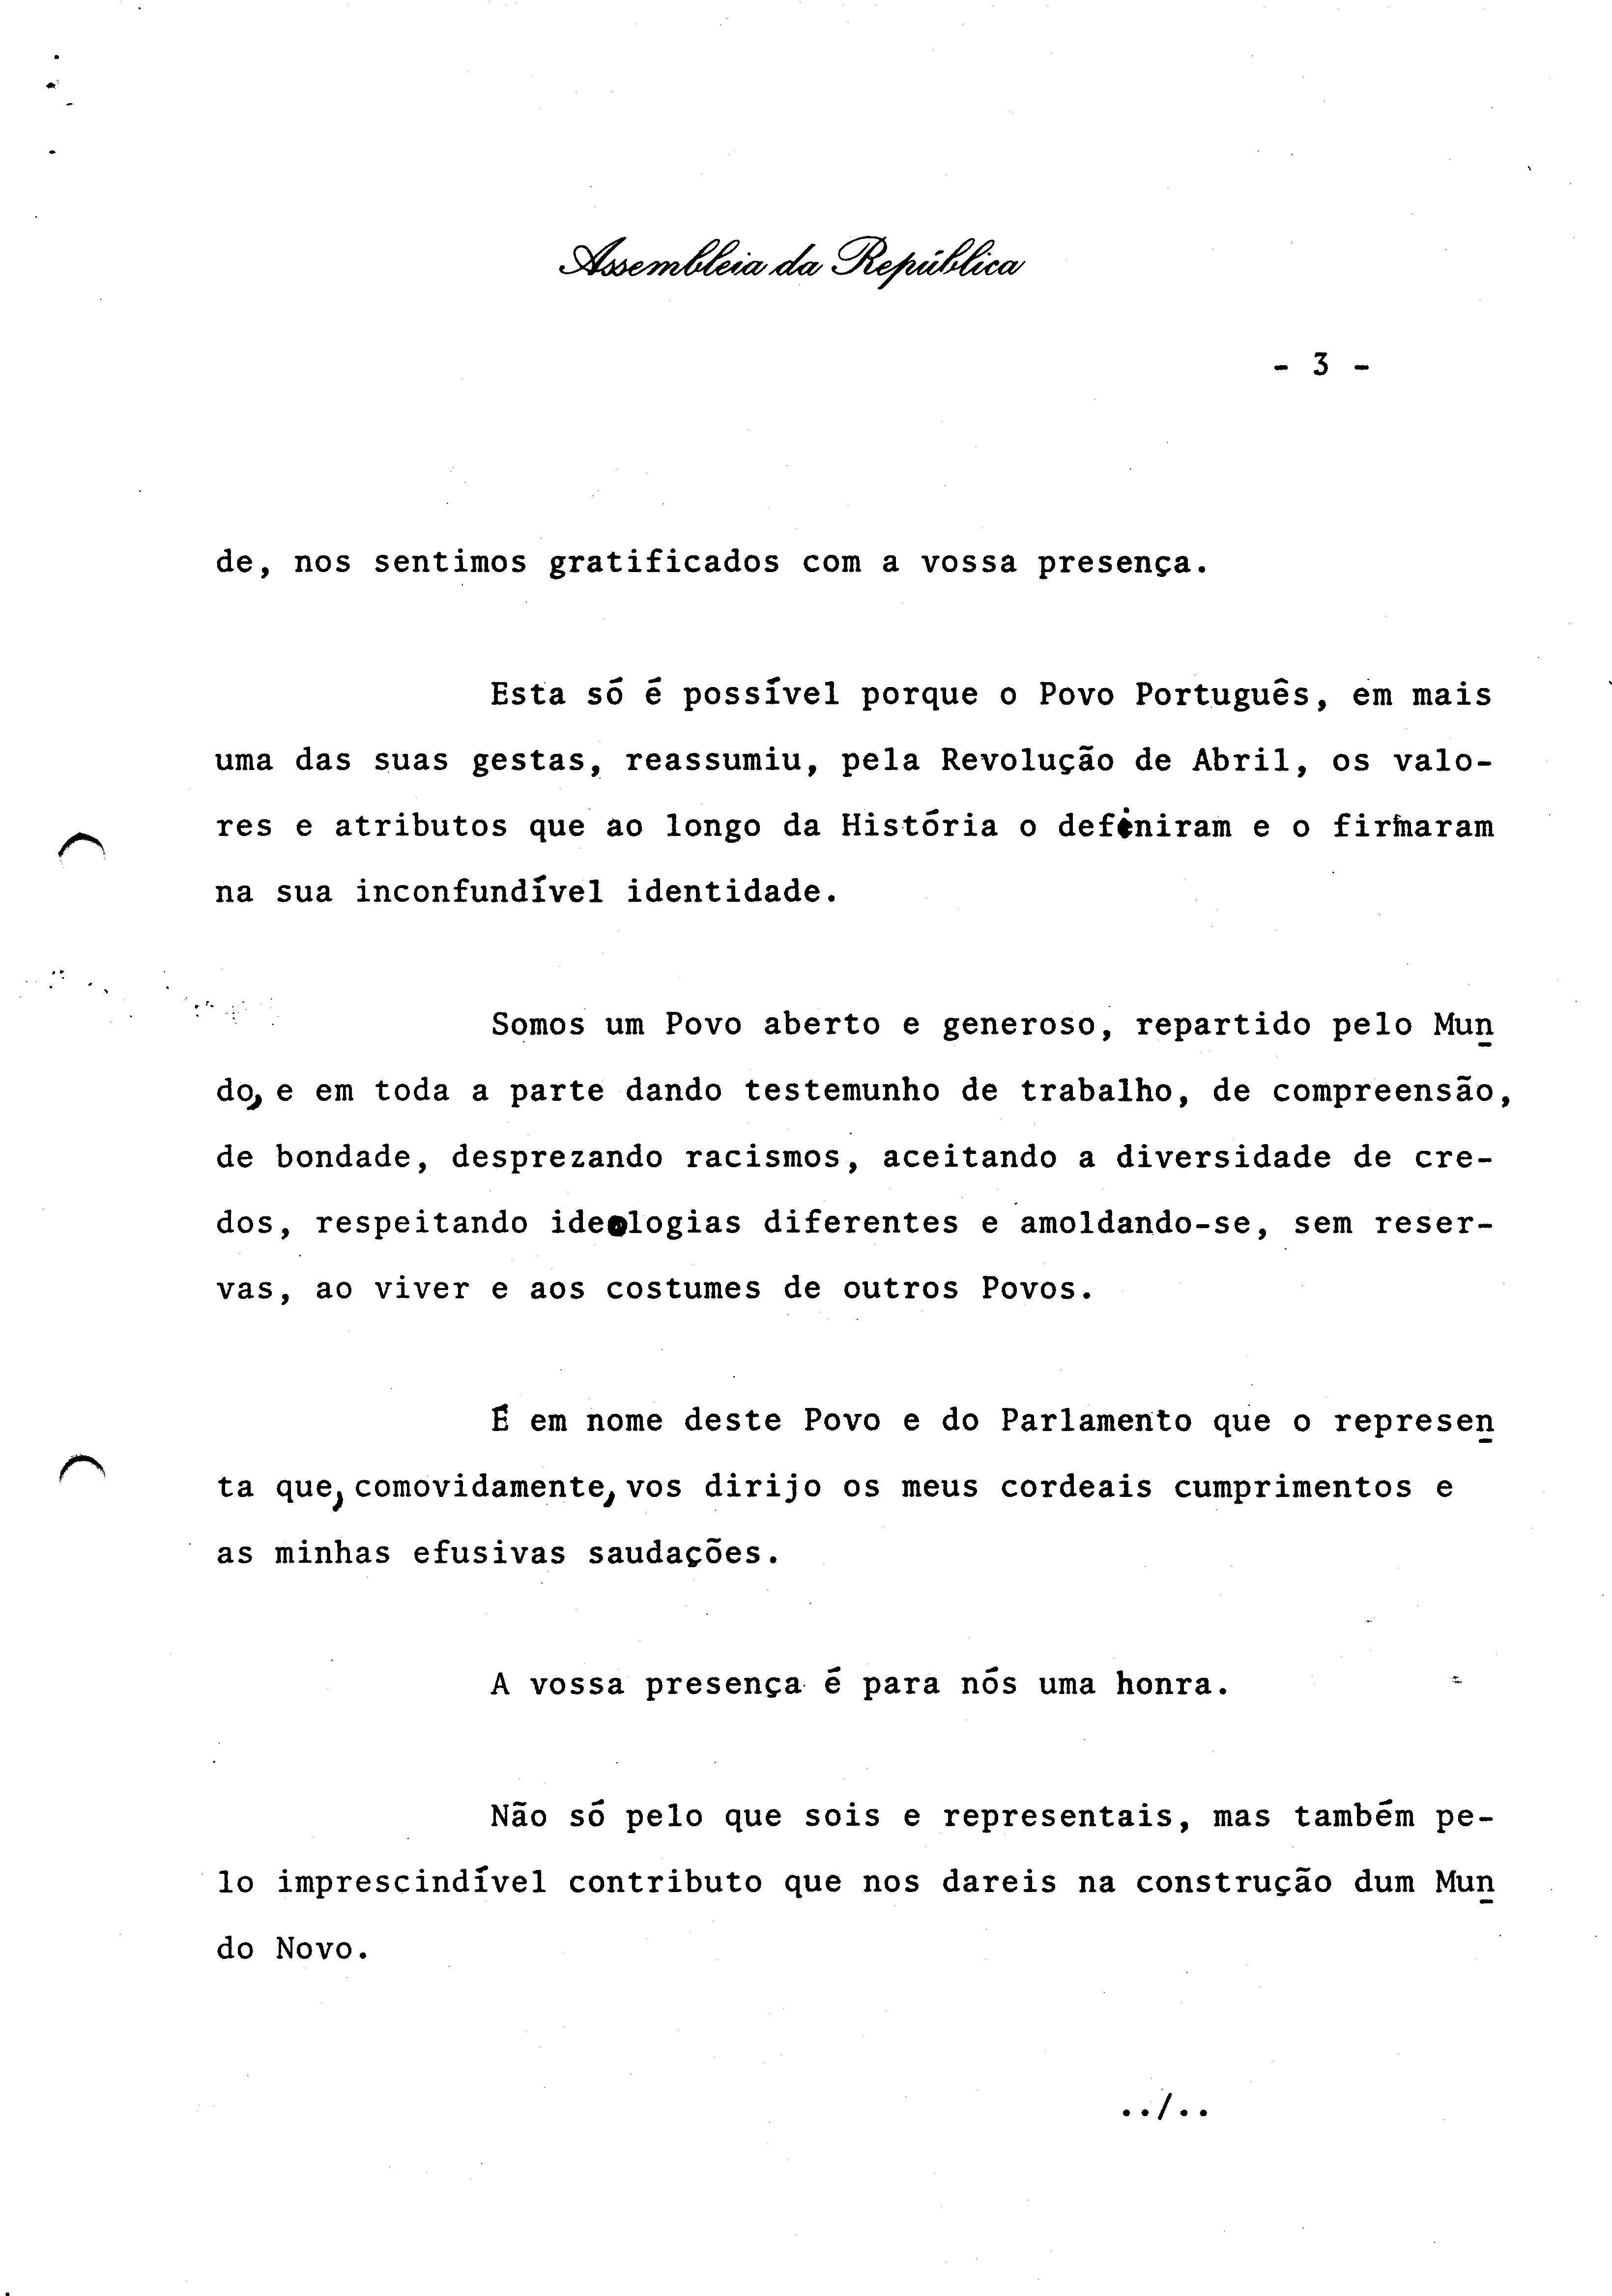 00406.004- pag.3